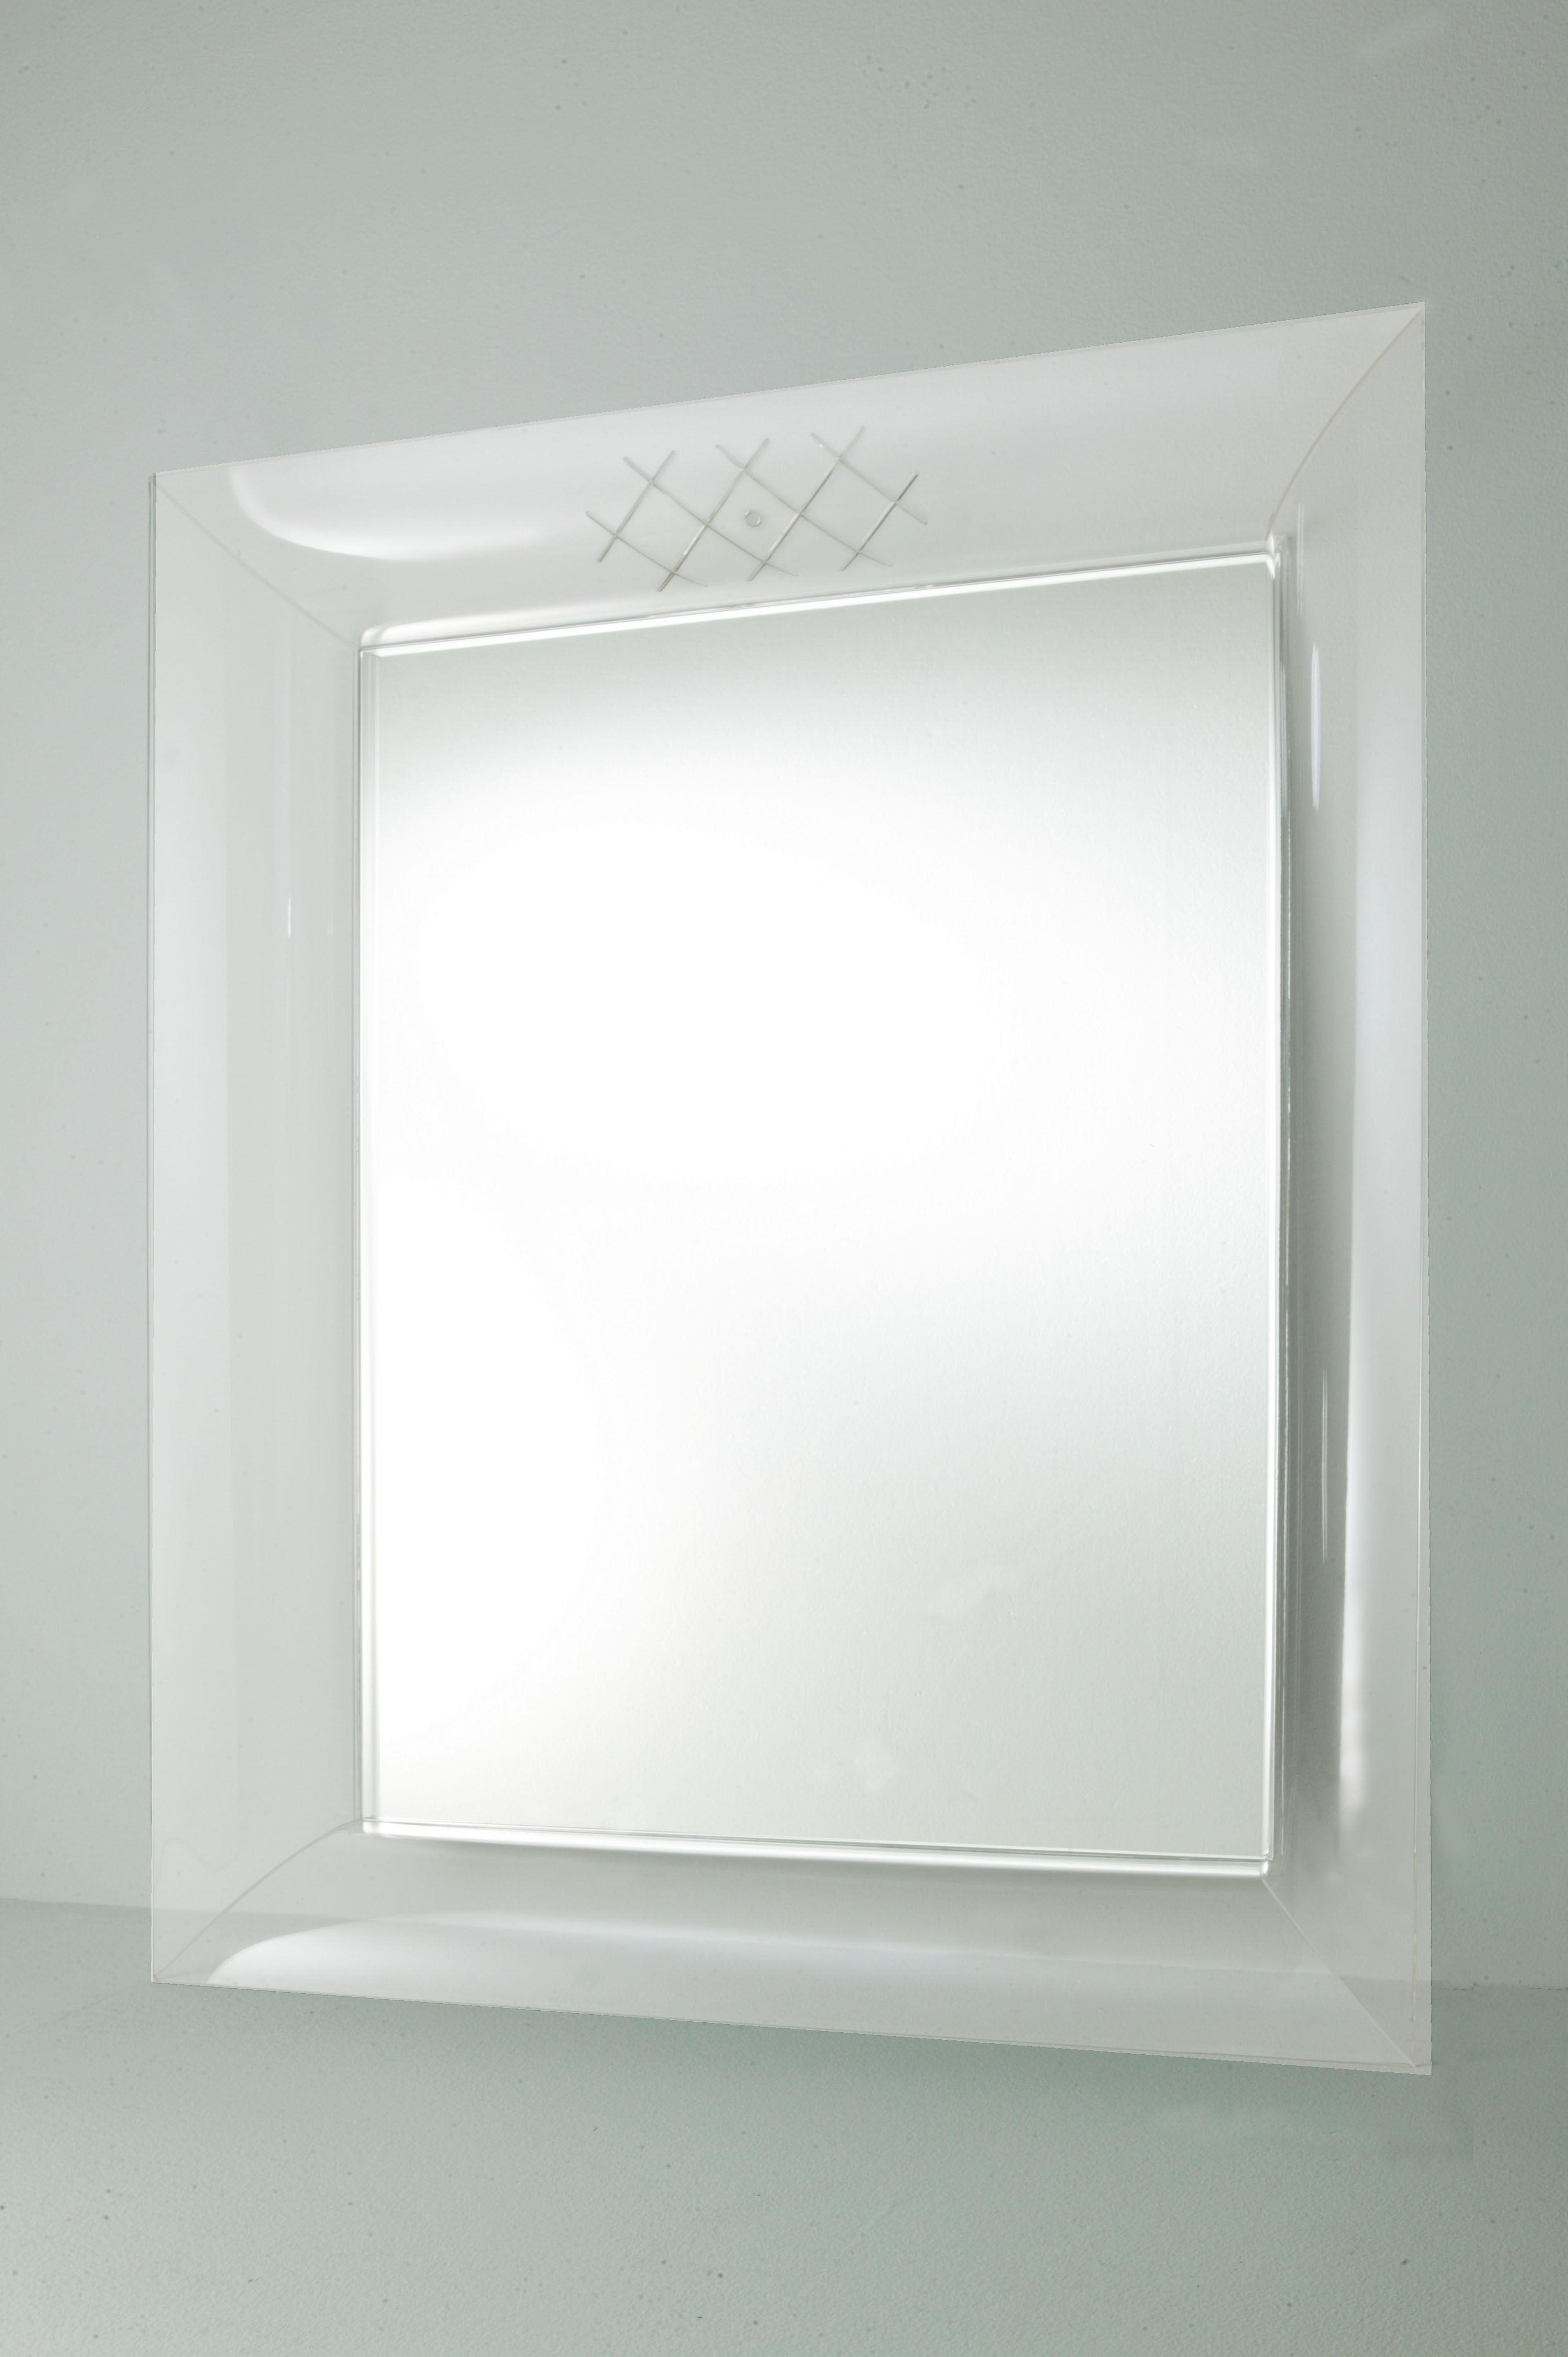 francois ghost gro 88 x 111 cm kartell wandspiegel. Black Bedroom Furniture Sets. Home Design Ideas